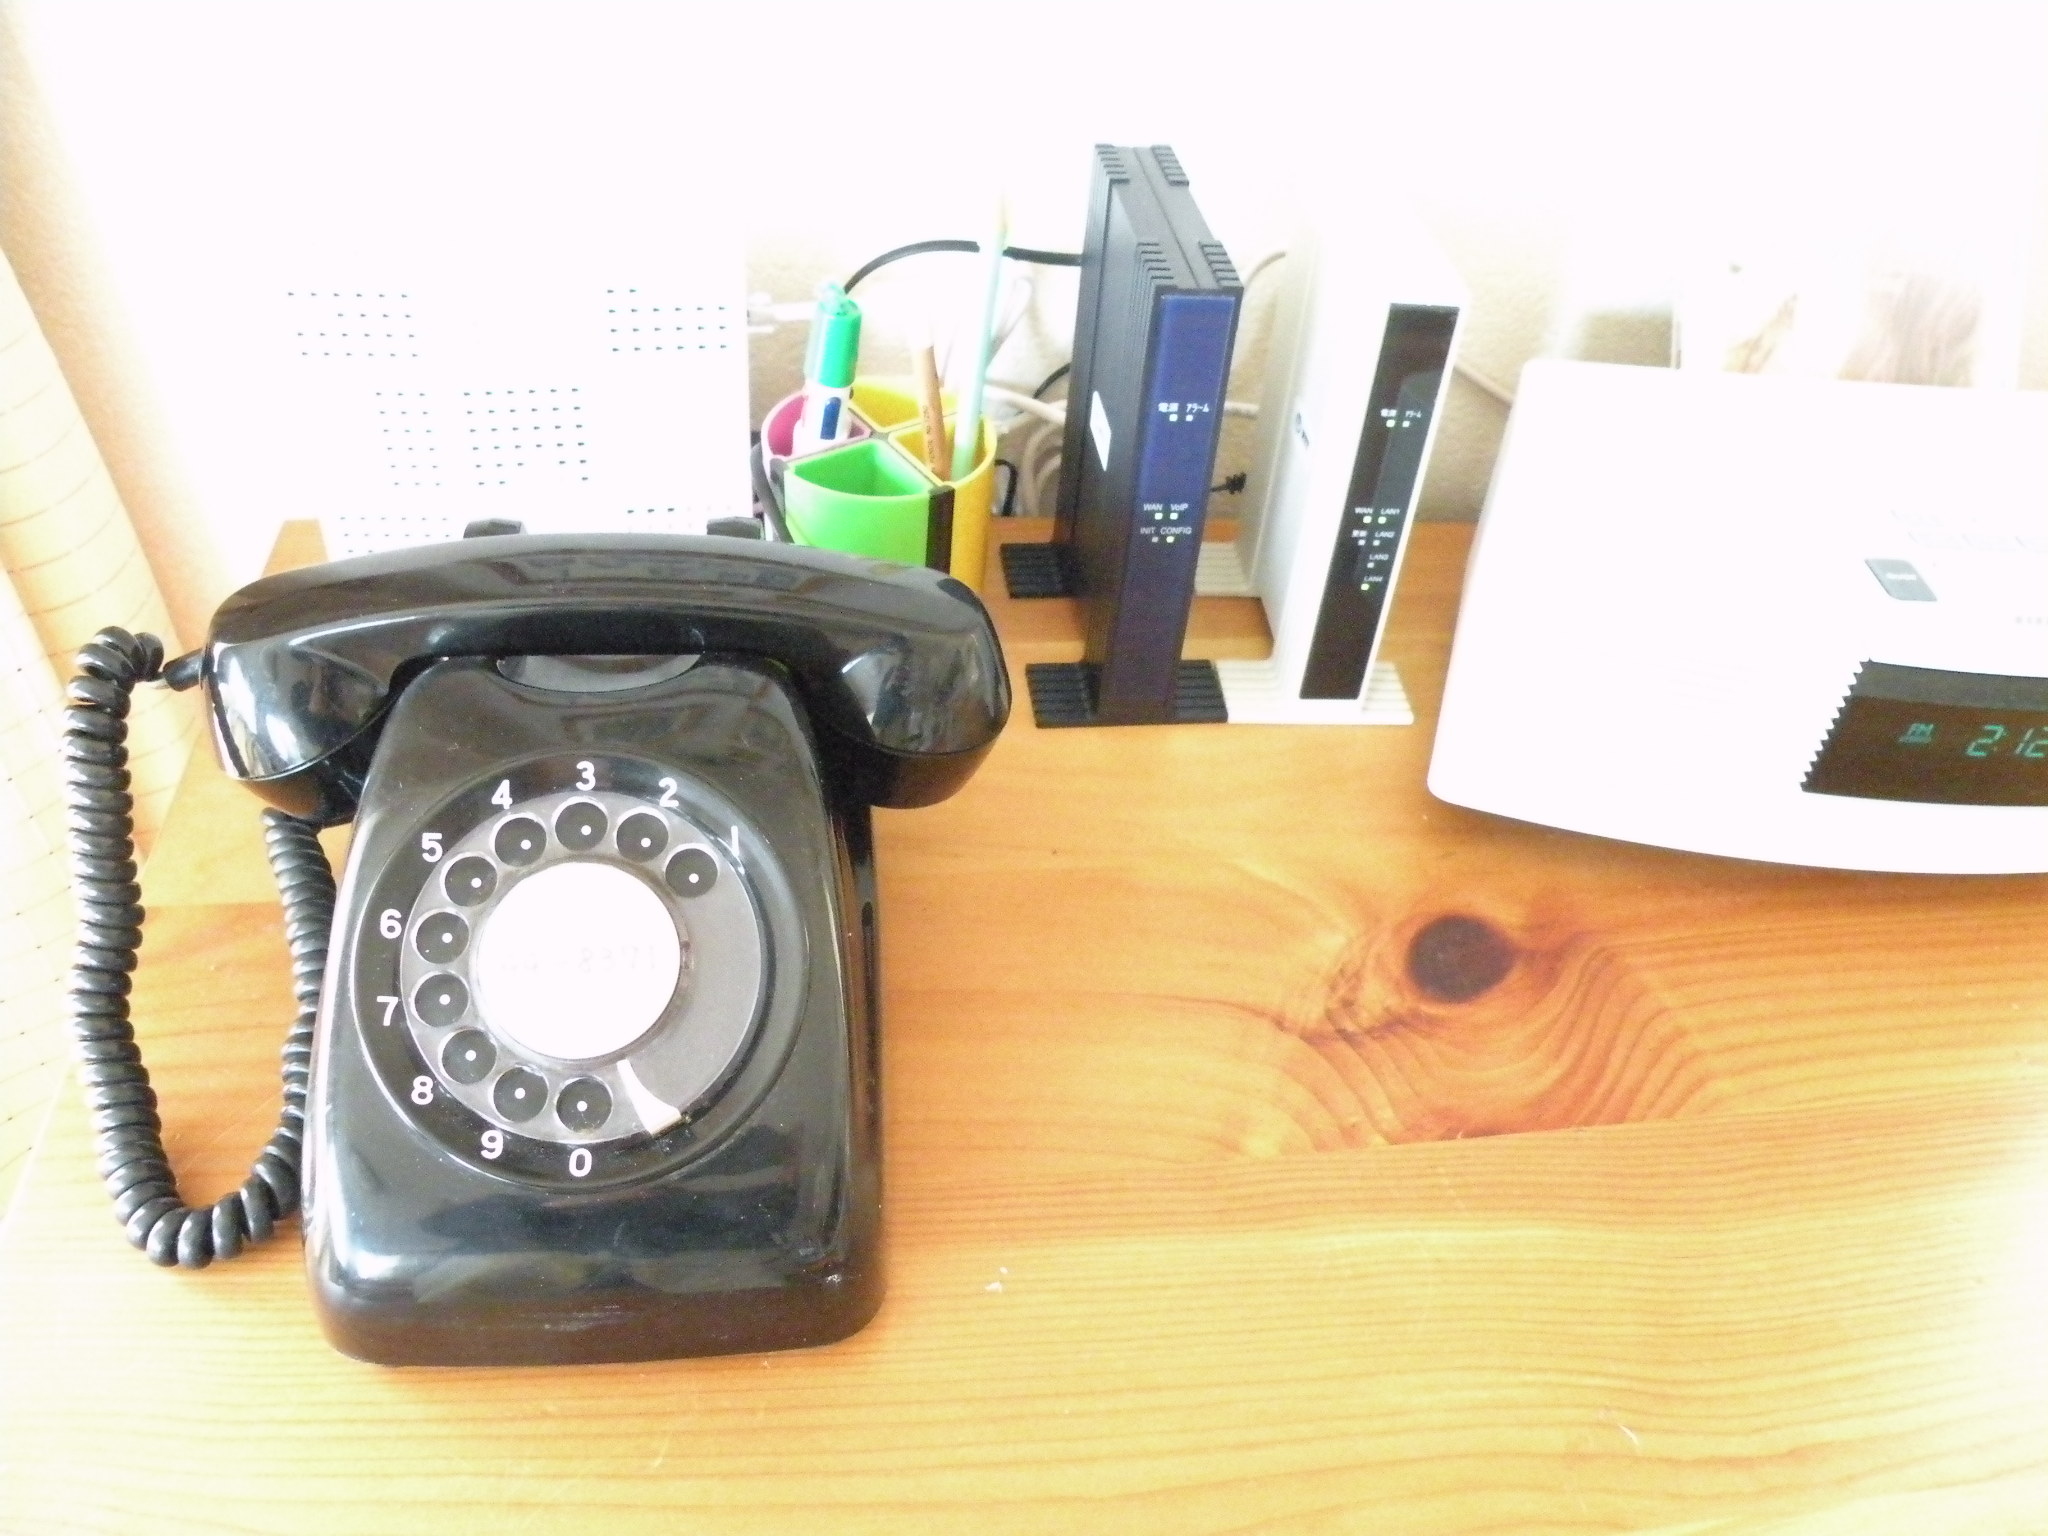 電話 と は メタル ip